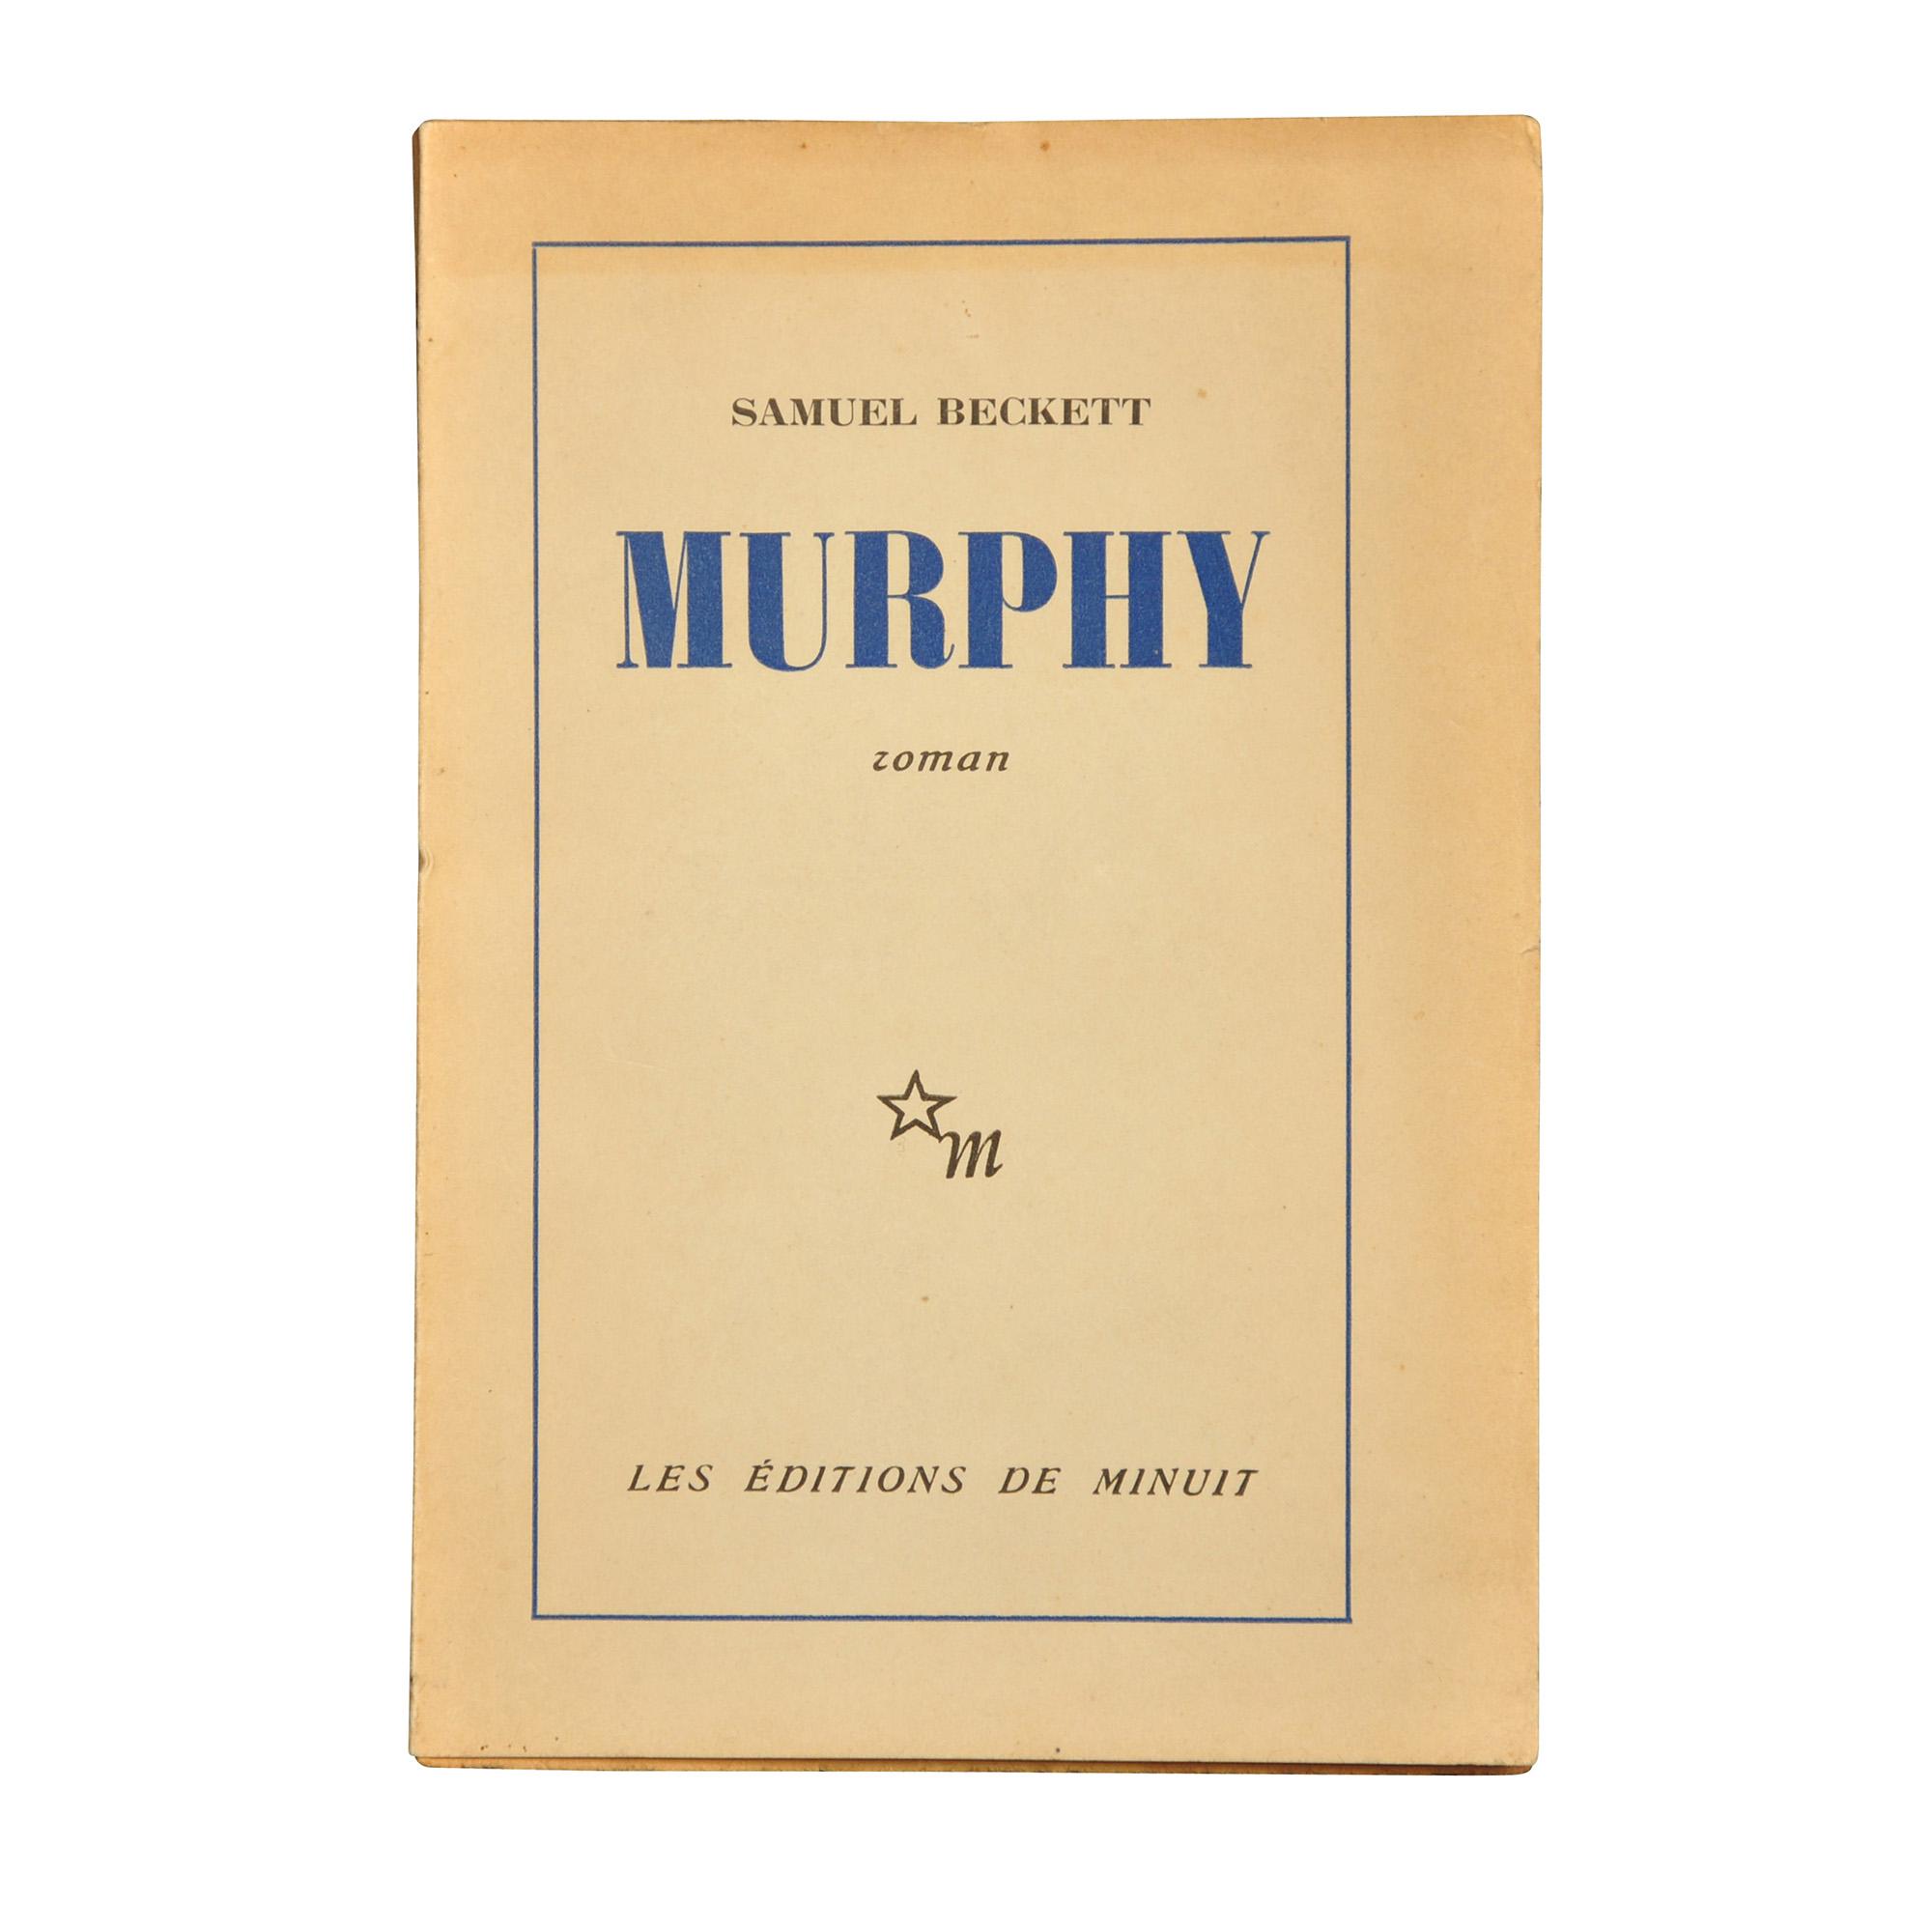 1176-Beckett-Murphy-Bordas-Minuit-1953-1-frei.jpg